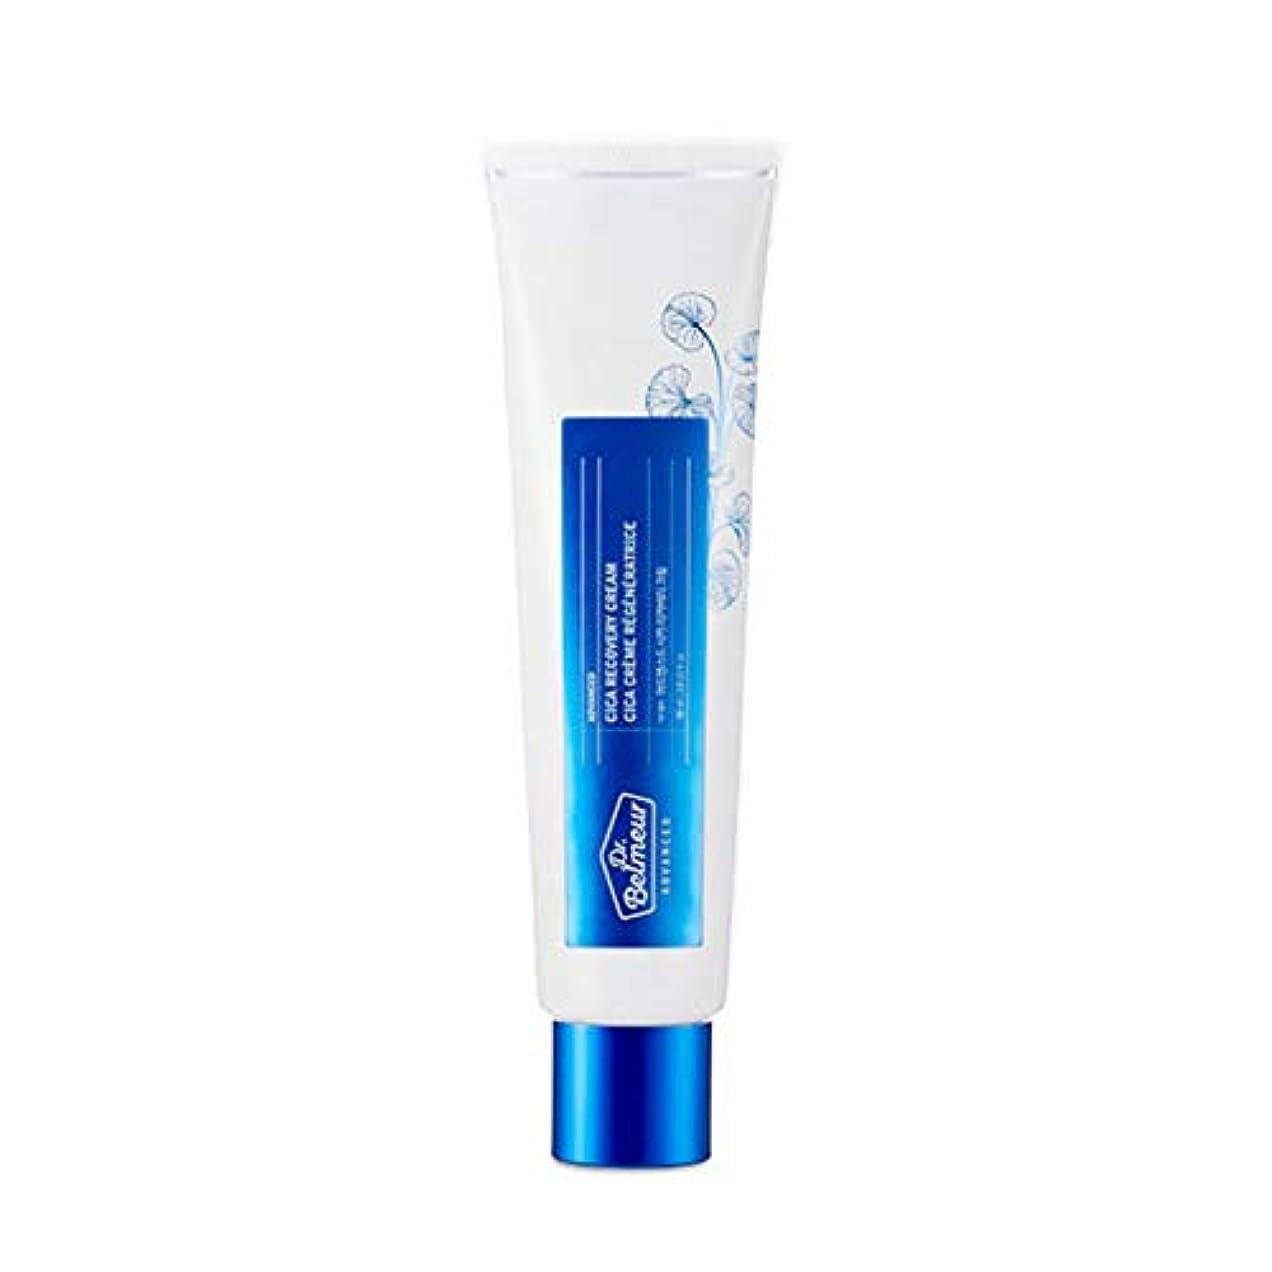 歯科医シビック養うザ?フェイスショップドクターベルモアドバンスドシカリカバリークリーム60ml 韓国コスメ、The Face Shop Dr.Belmeur Advanced Cica Recovery Cream 60ml Korean Cosmetics [並行輸入品]